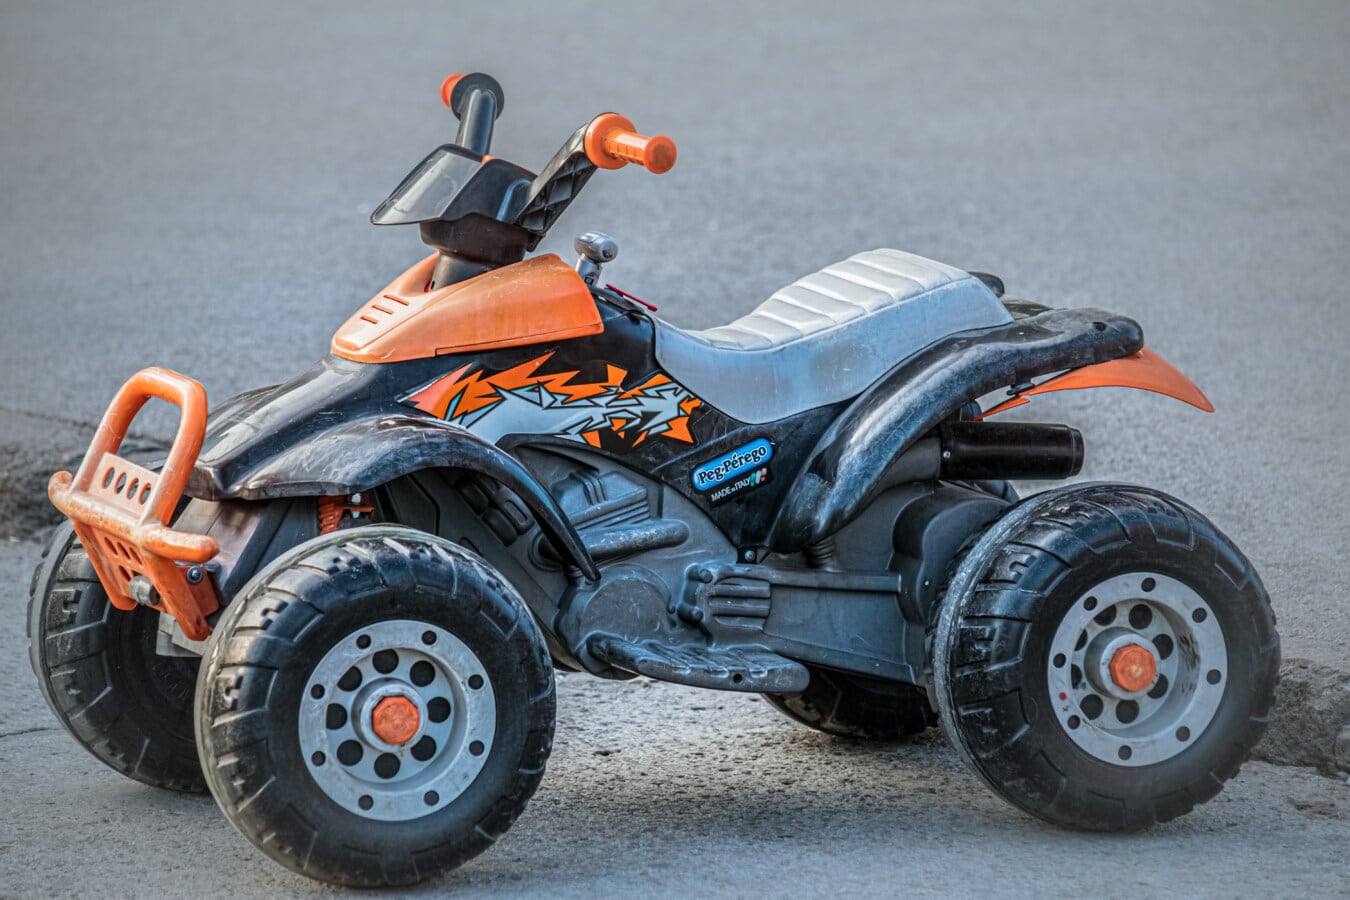 moto, plastique, jouet, couleurs, jaune orangé, miniature, objet, véhicule, moto, pneu